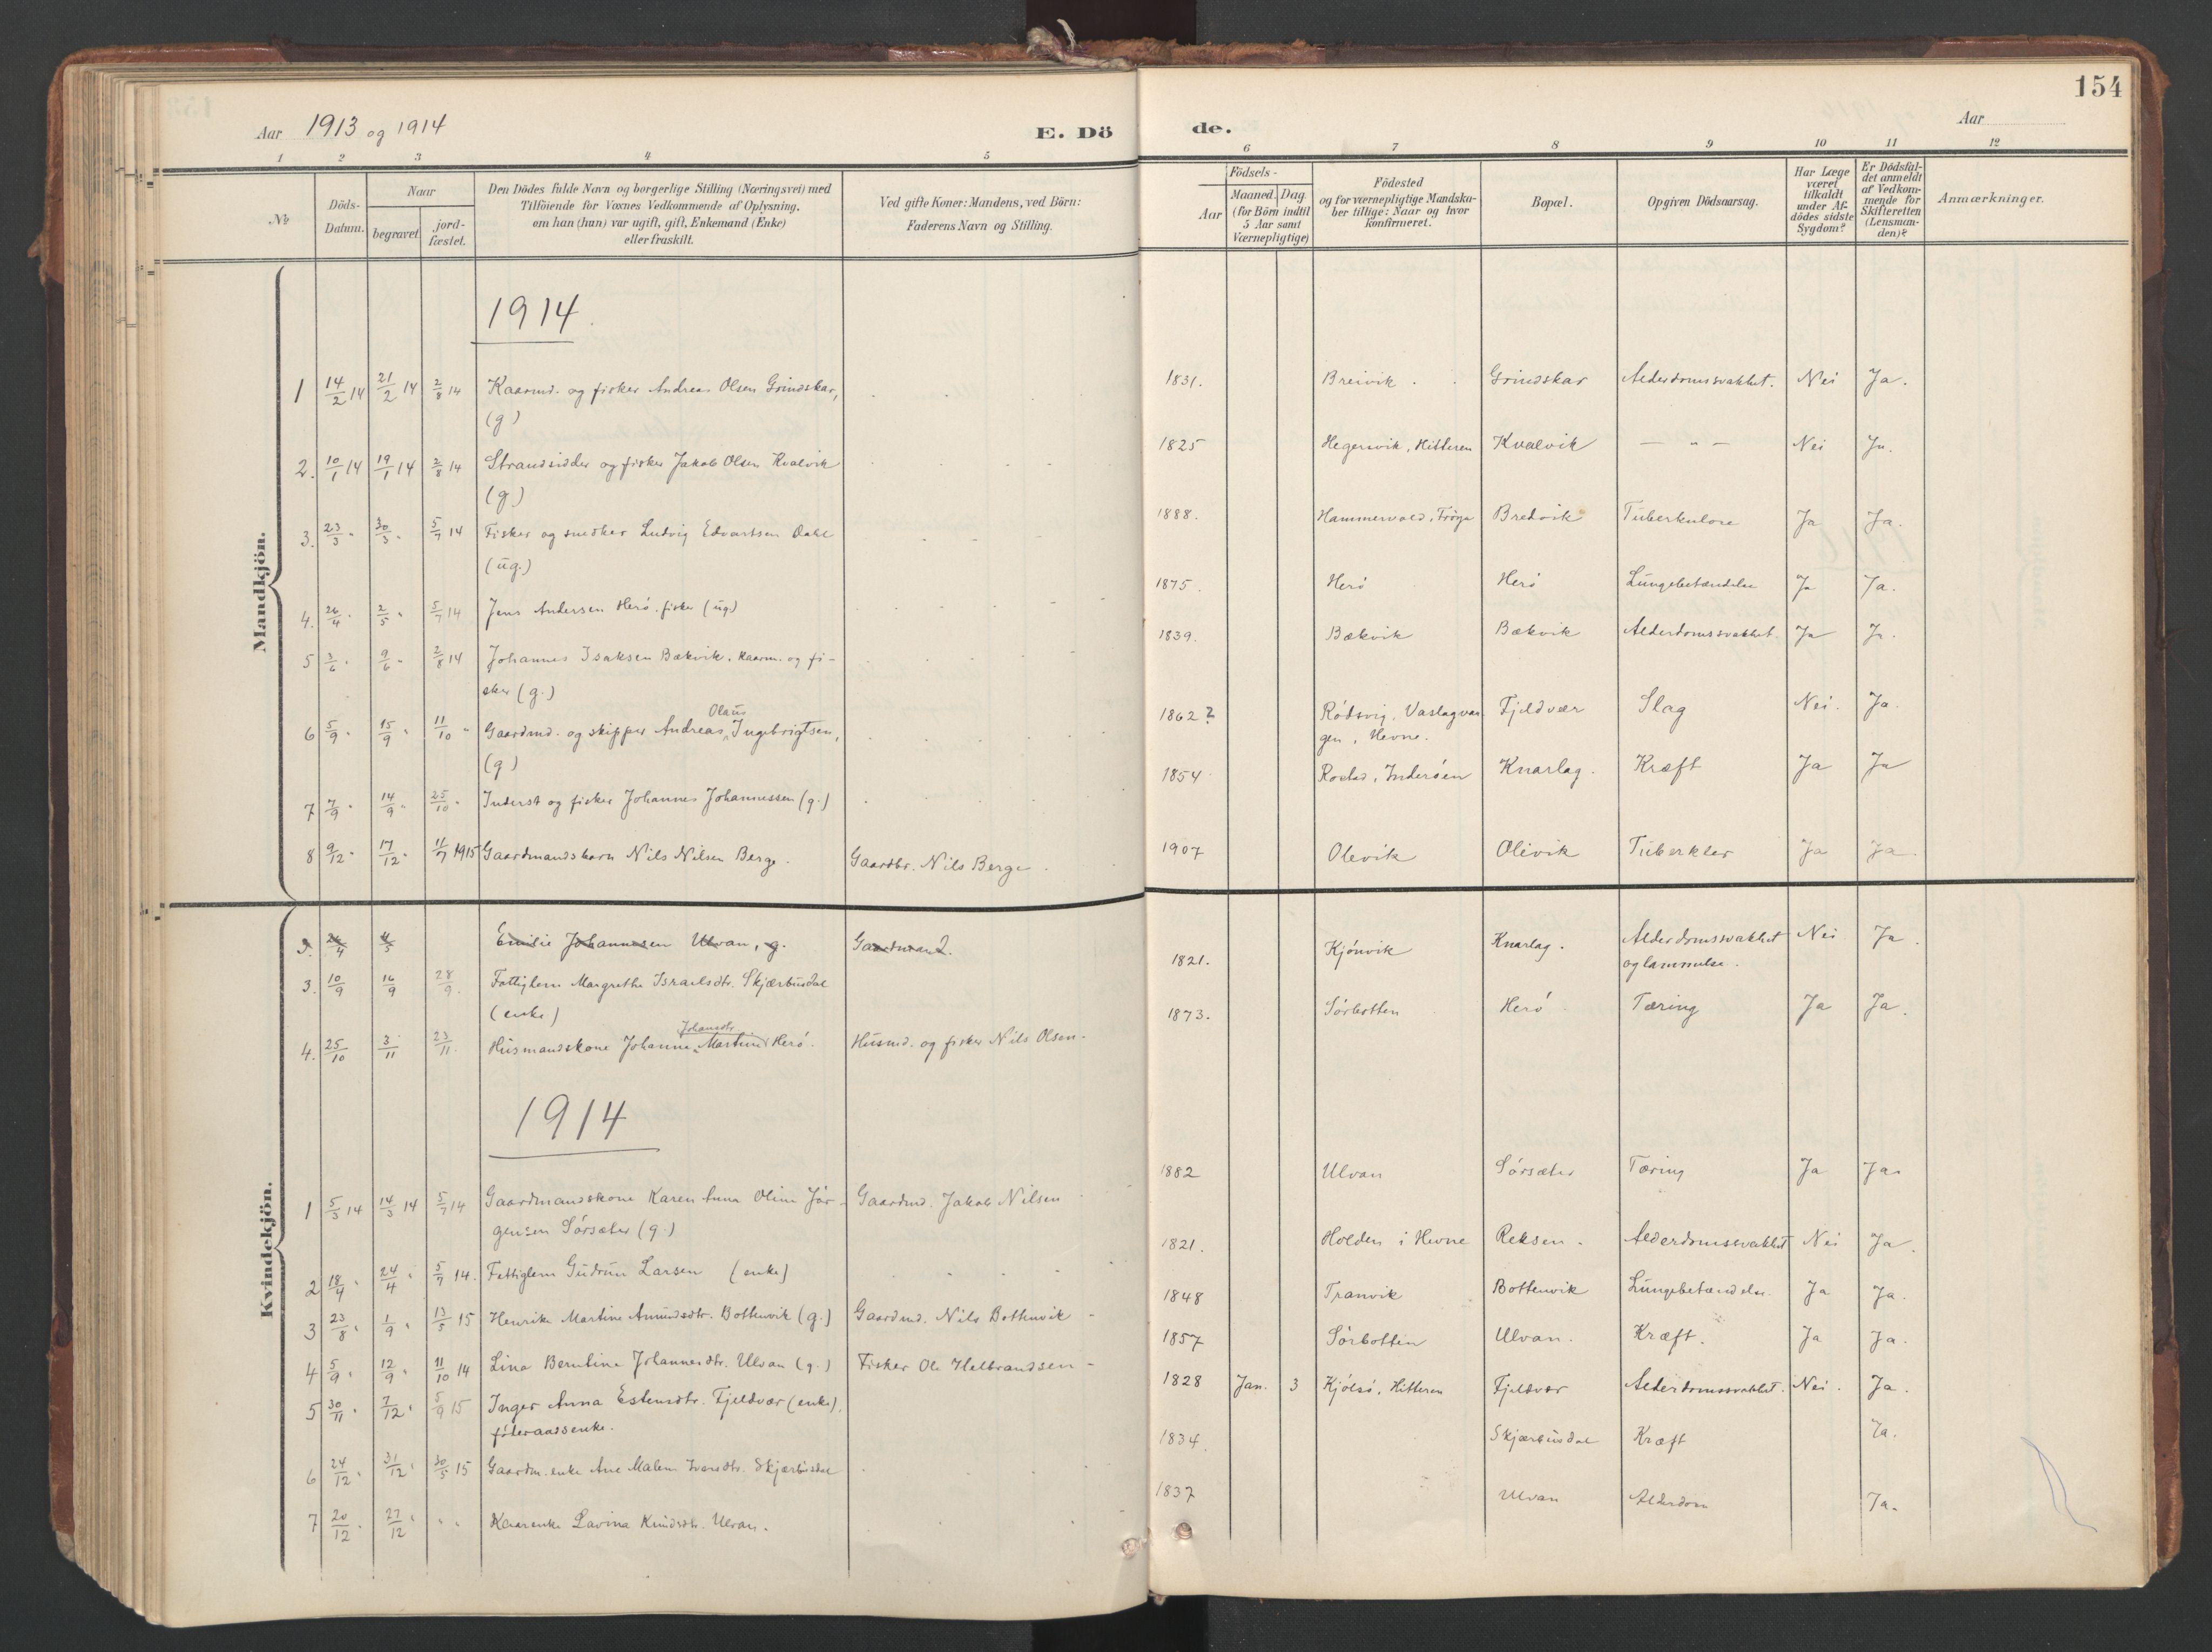 SAT, Ministerialprotokoller, klokkerbøker og fødselsregistre - Sør-Trøndelag, 638/L0568: Ministerialbok nr. 638A01, 1901-1916, s. 154